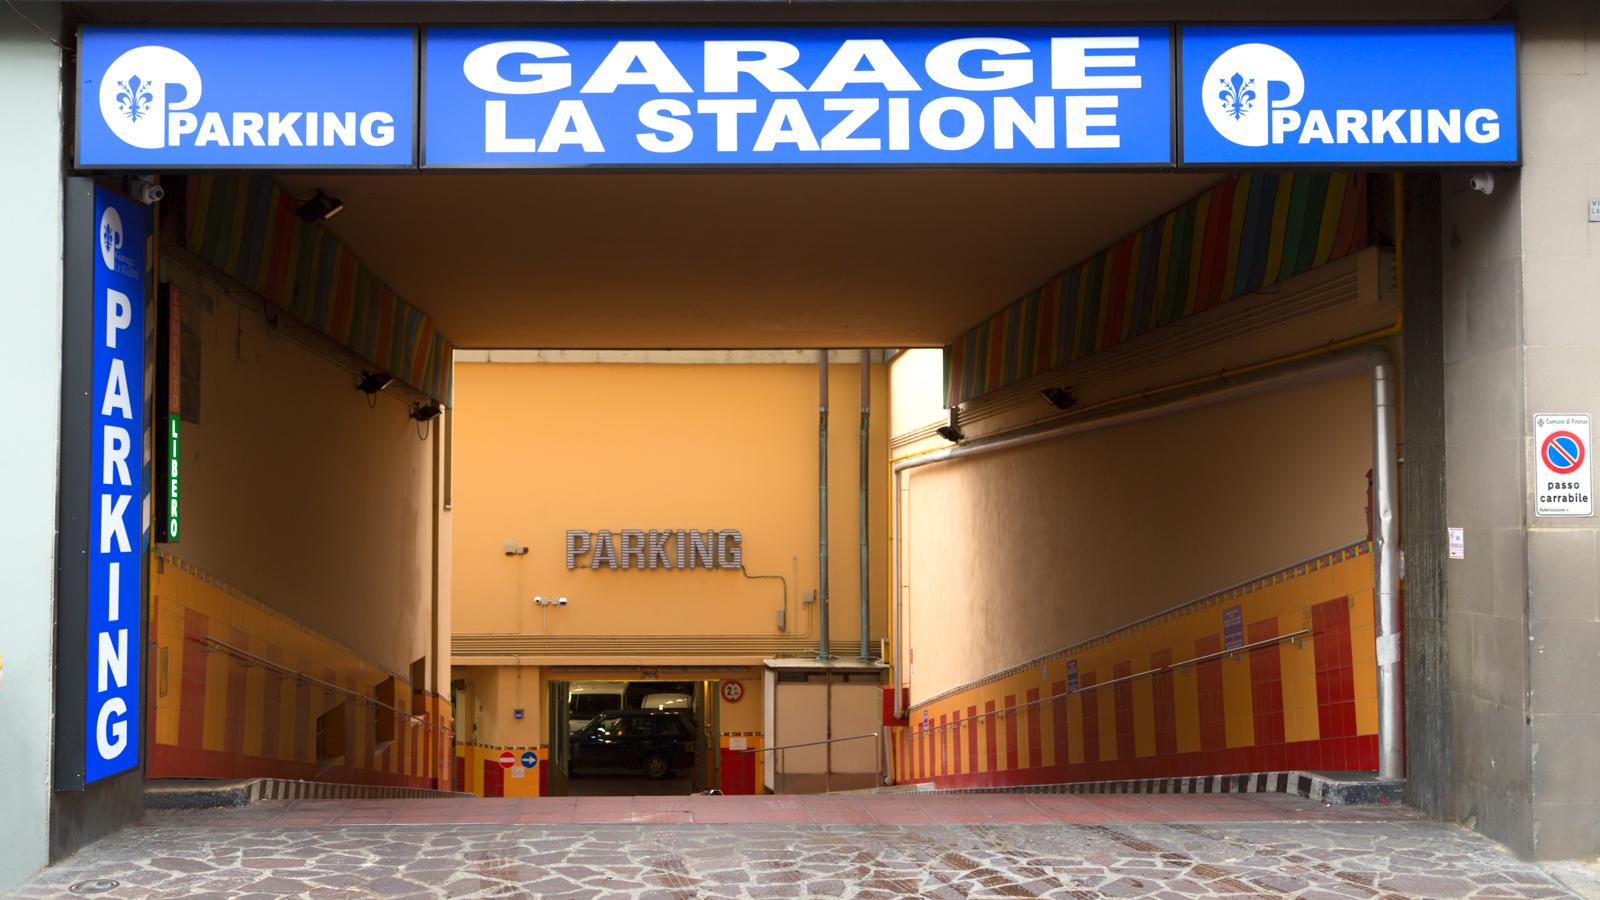 Parcheggio per la stazione di firenze santa maria novella - Ingresso garage ...